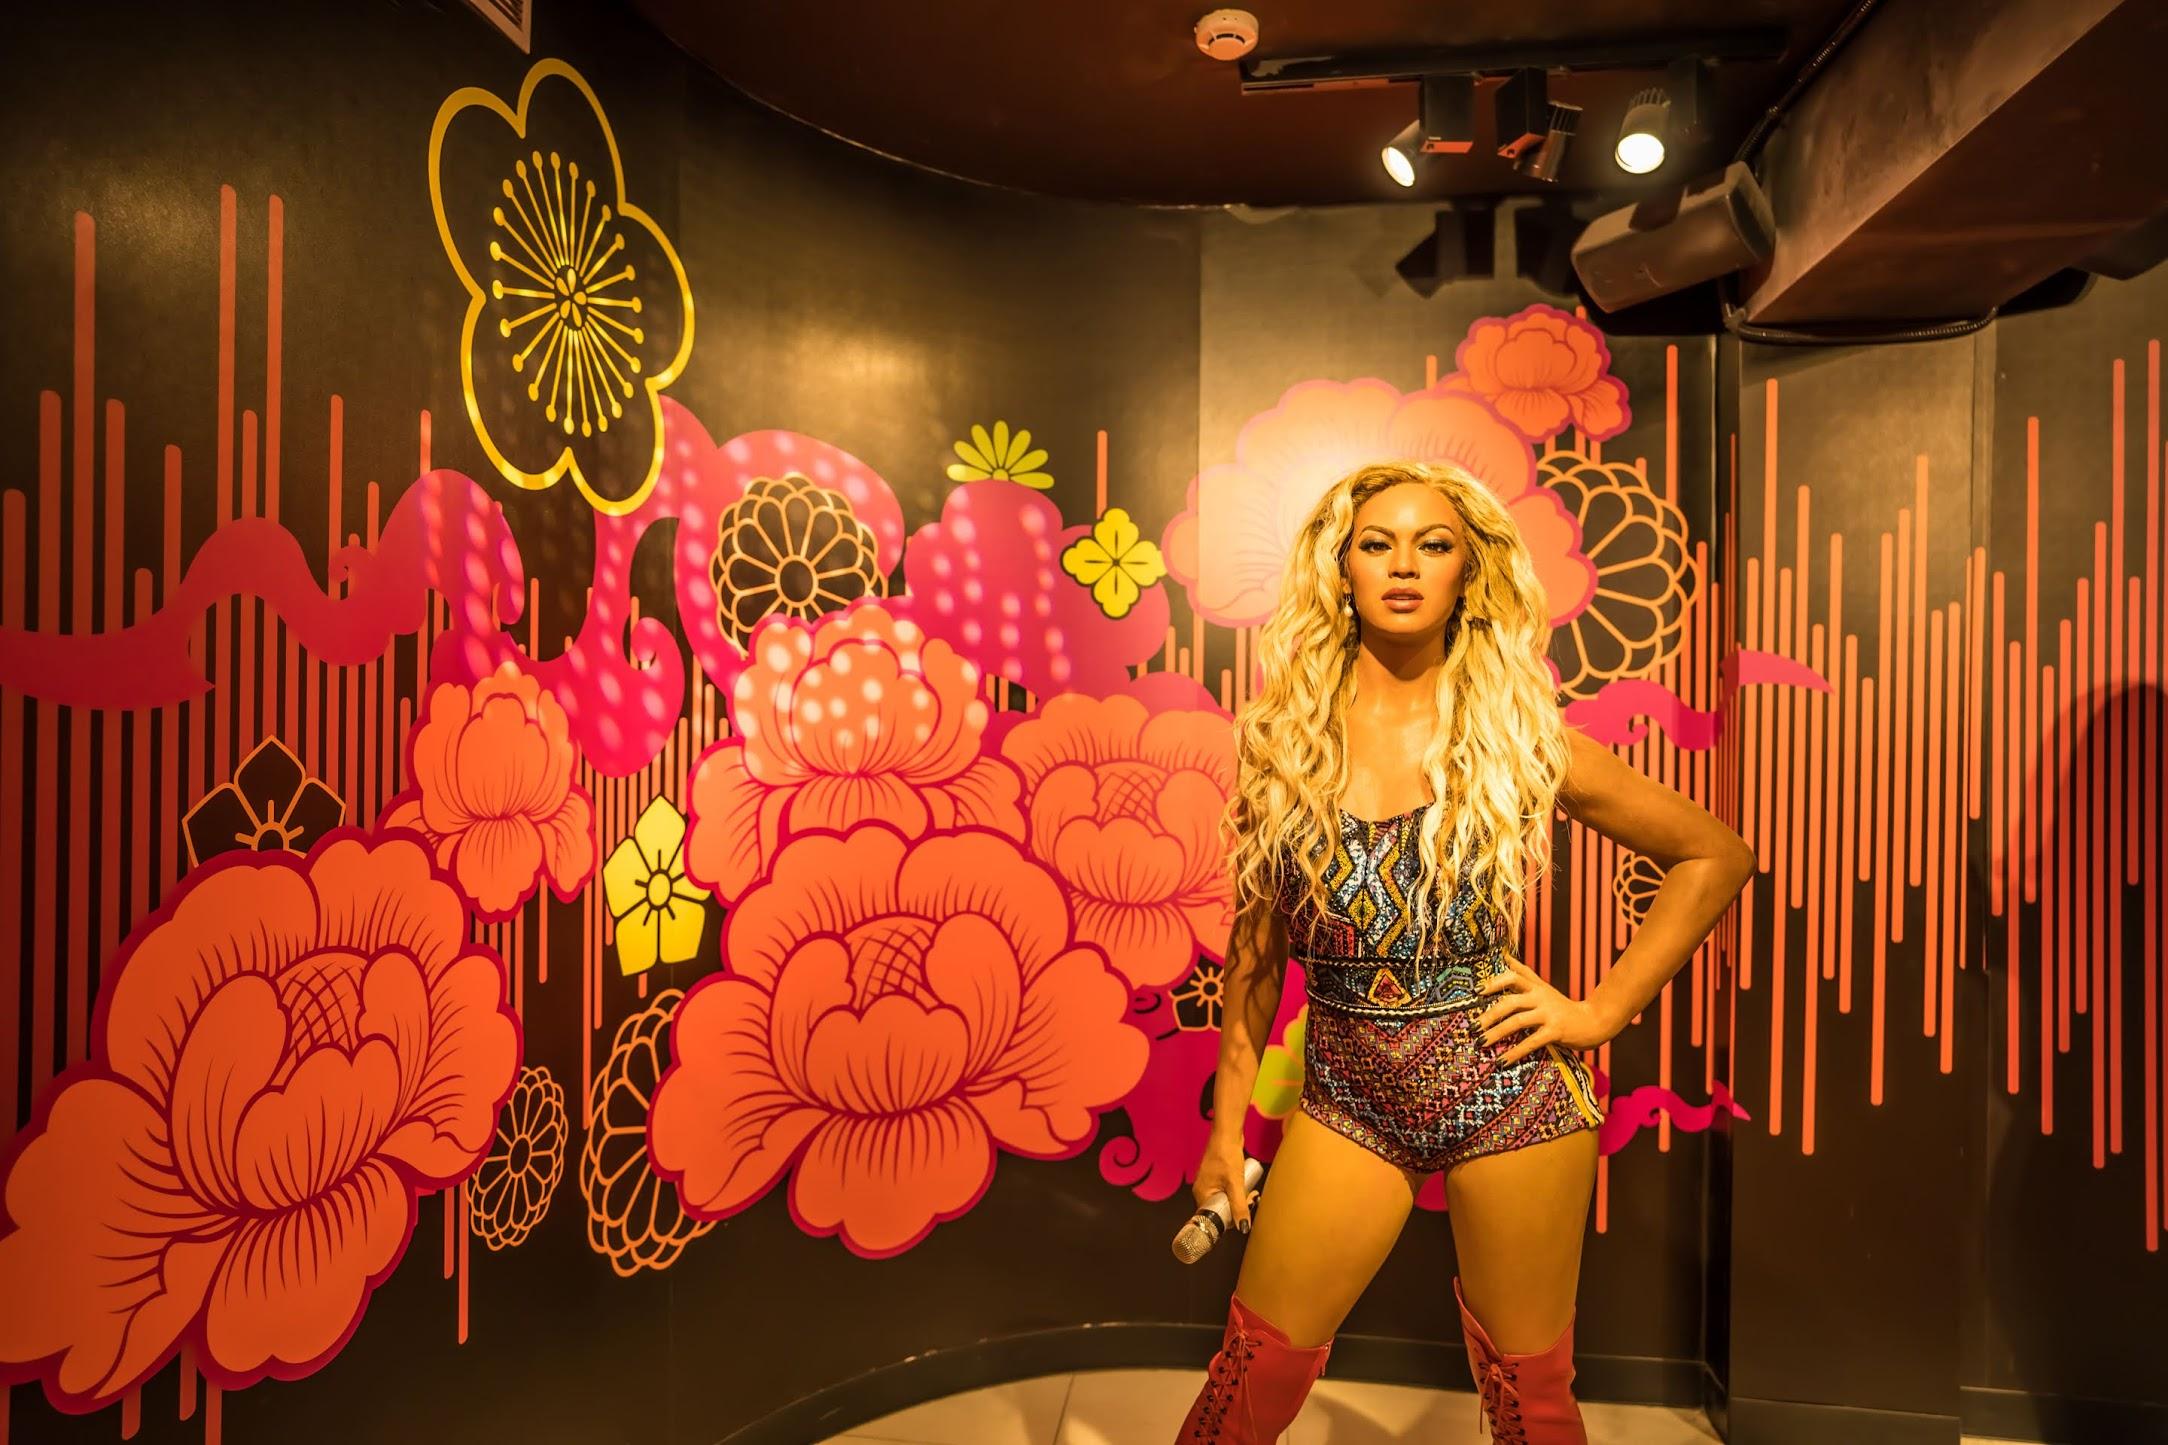 Singapore Sentosa Island Madame Tussauds Singapore Beyoncé